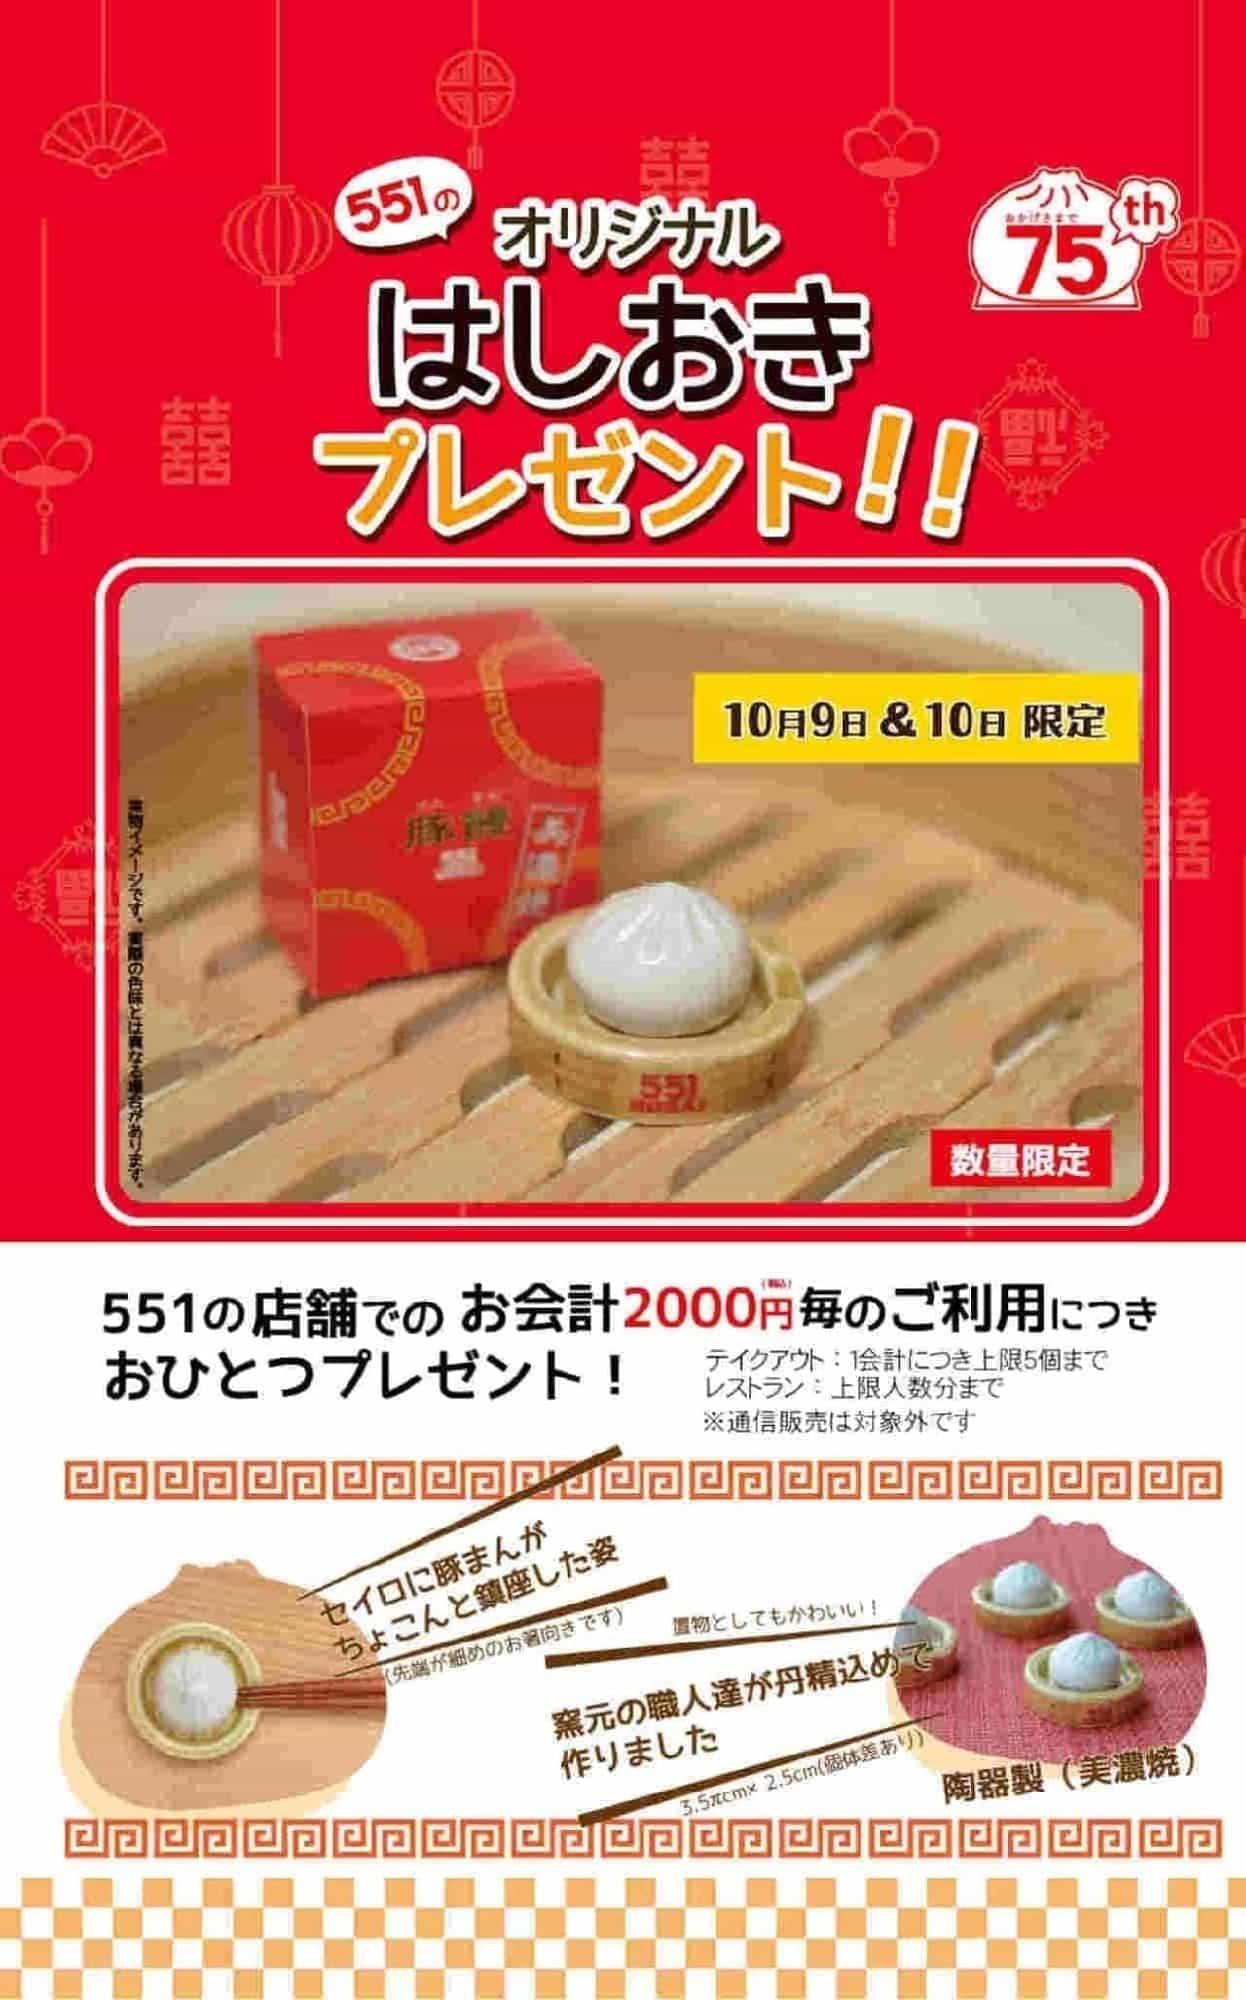 551 HORAI 「オリジナル箸置き」